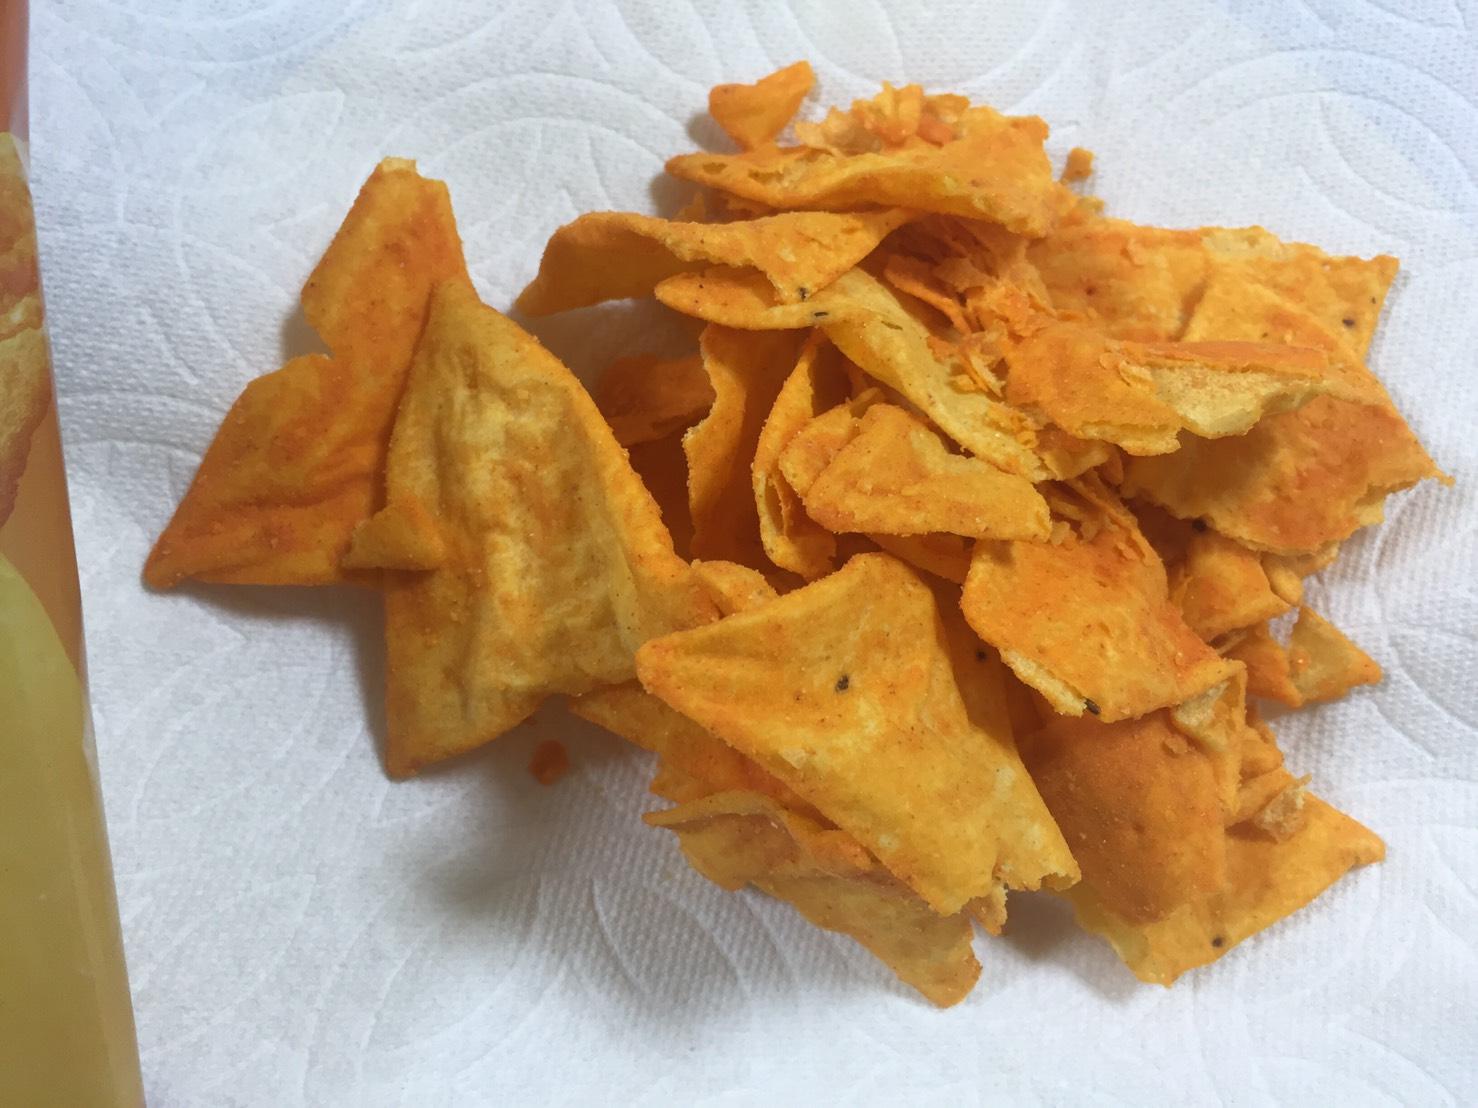 クエスト:プロテインチップス「ナチョチーズ味」の様子